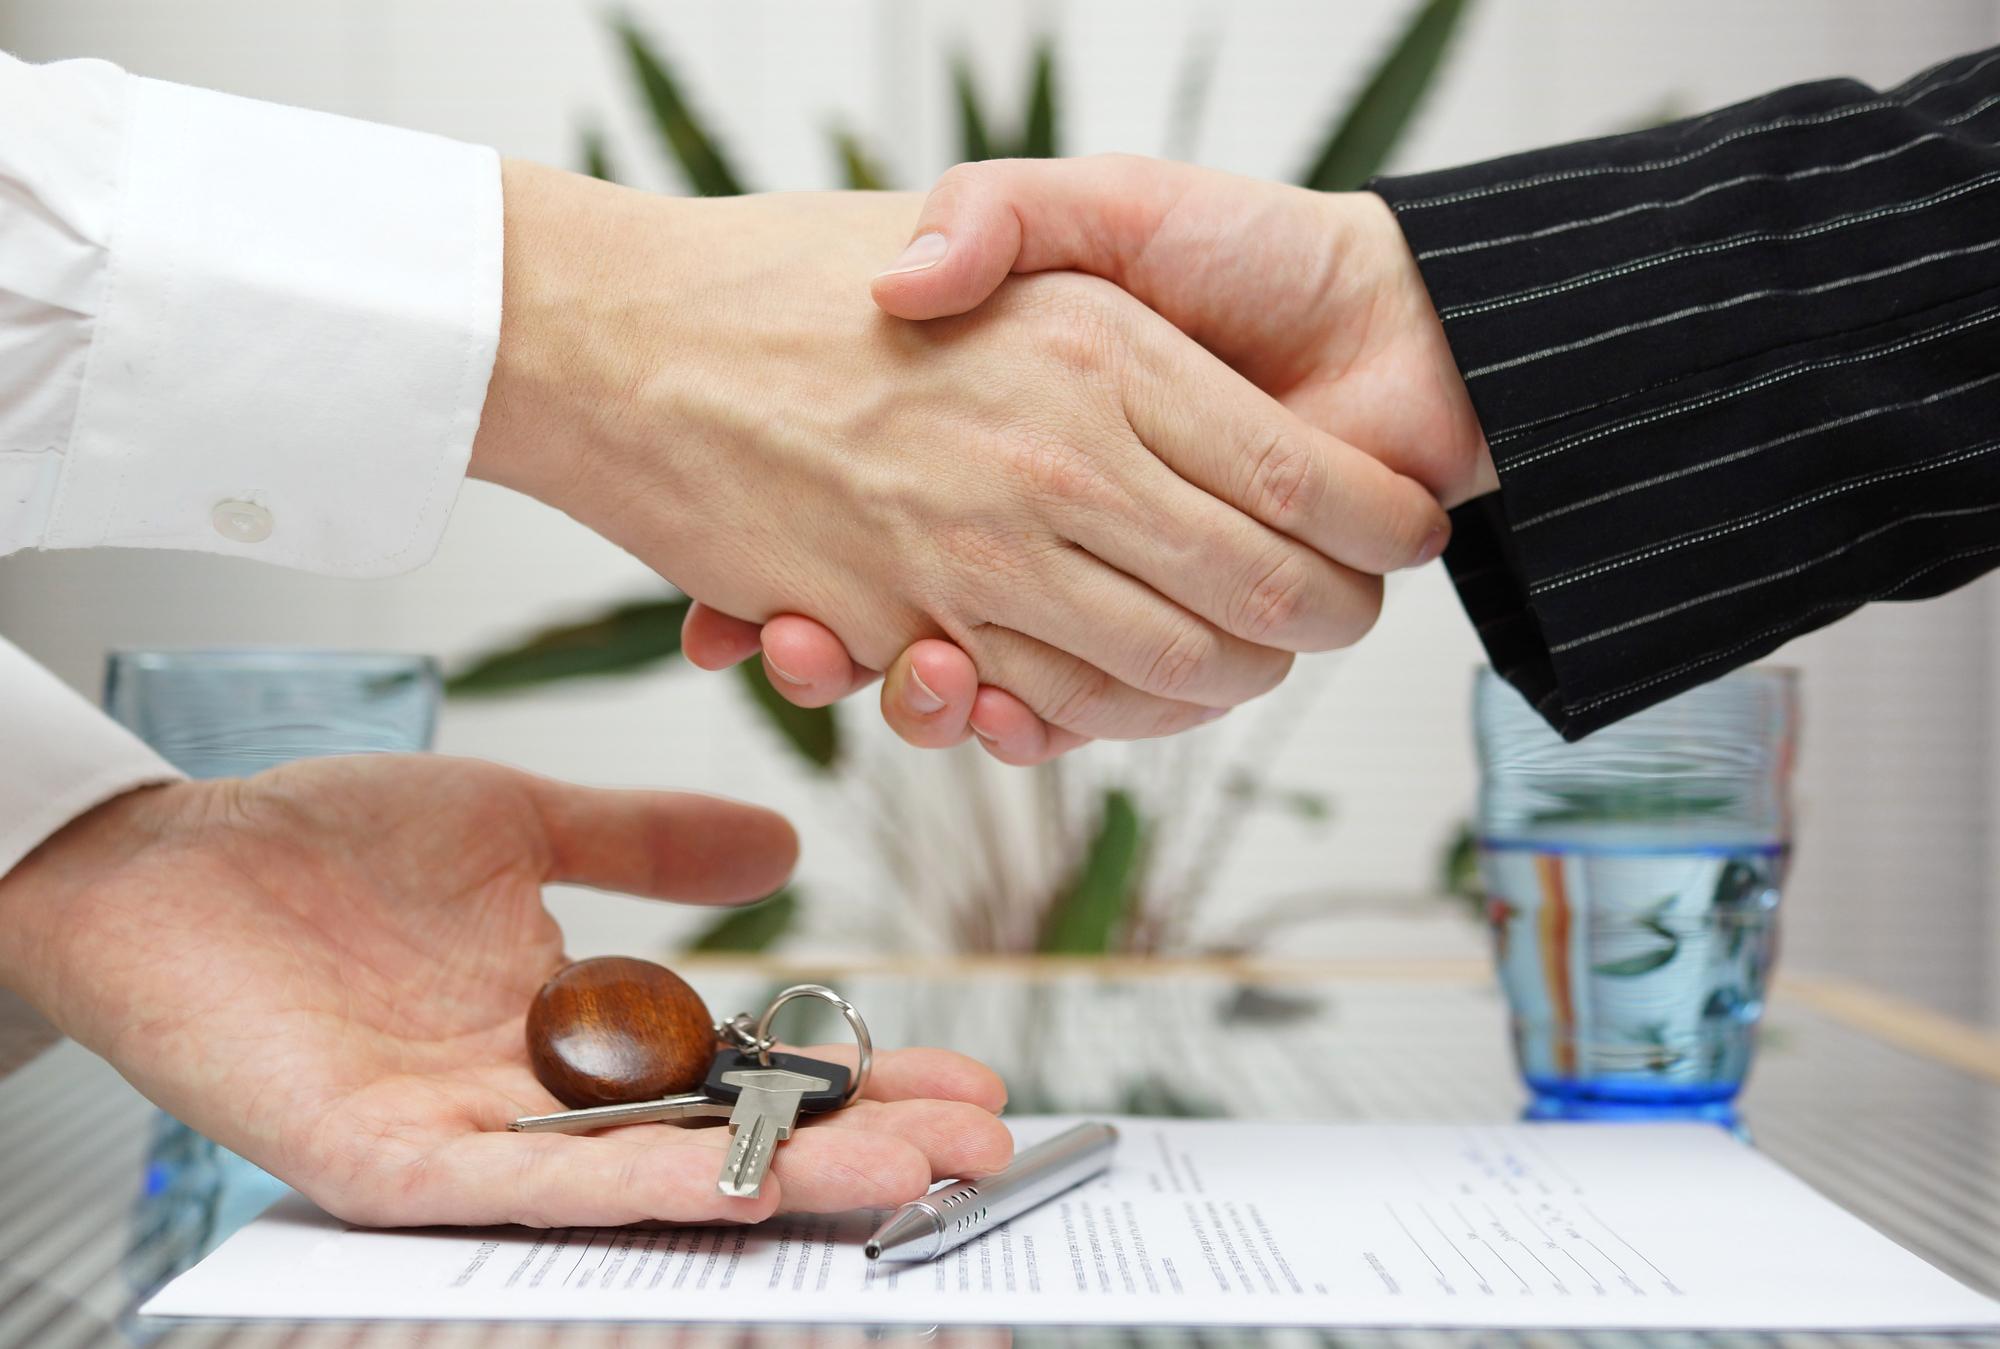 Минстрой намерен ужесточить контроль за арендой жилья